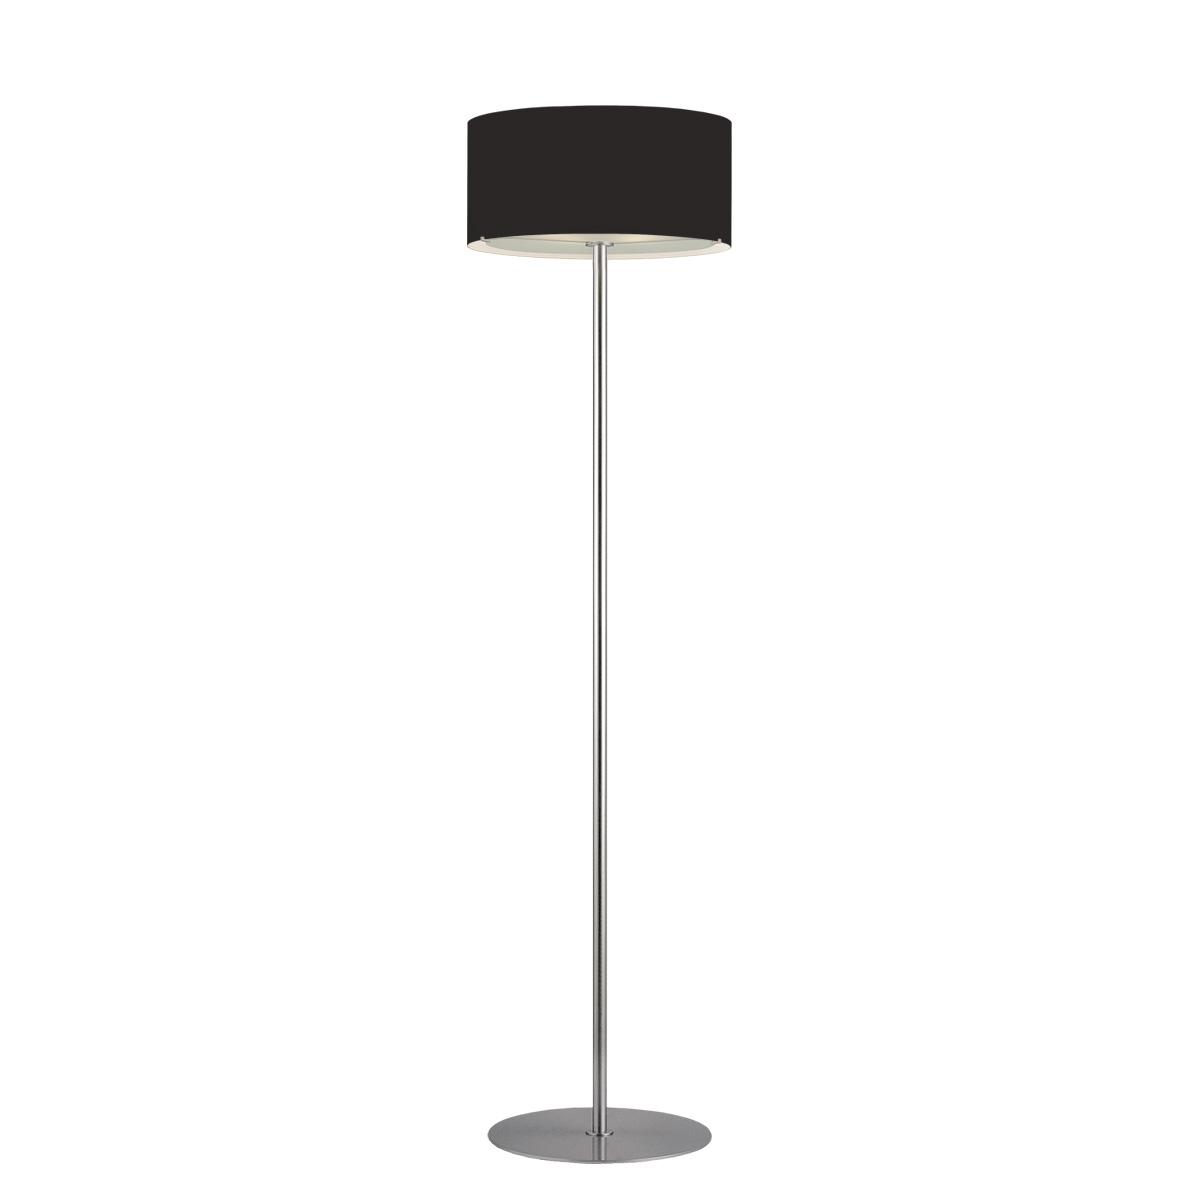 Μοντέρνο φωτιστικό δαπέδου Μουράνο ΚΥΛΙΝΔΡΟΙ modern black Murano floor lamp